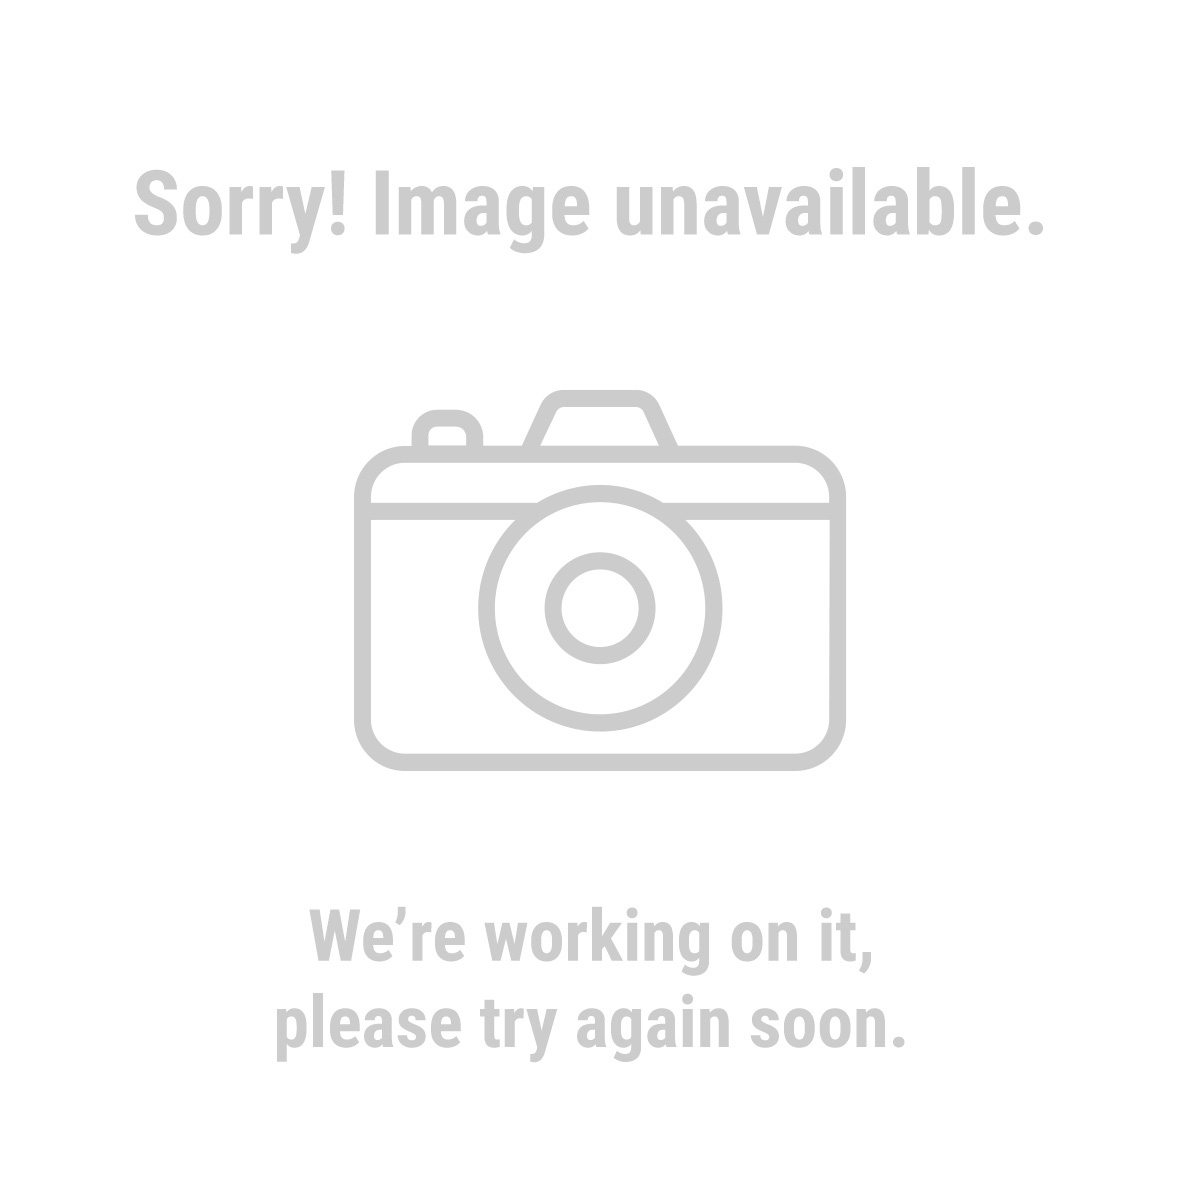 Warrior® 61559 3 in. Medium Grade Fiber Surface Conditioning Discs 5 Pc